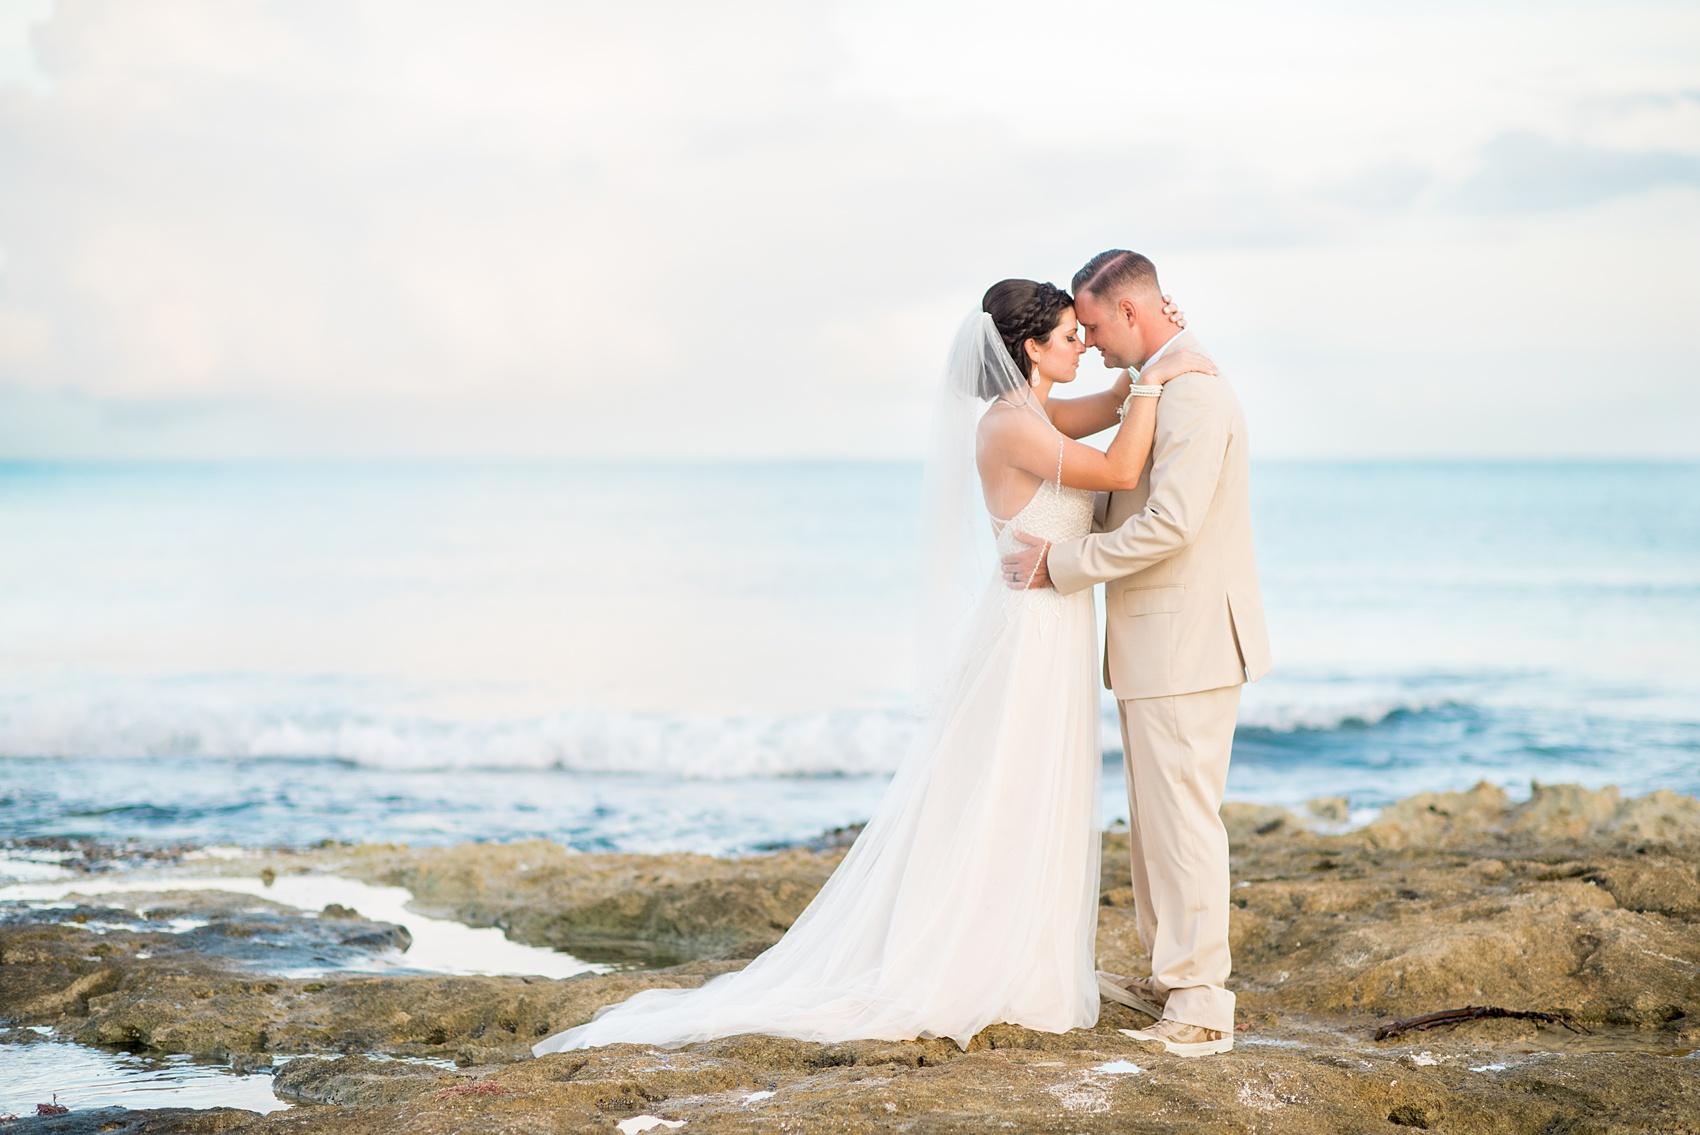 mikkelpaige-grand_paraiso_mexico_wedding_photos-mexico-001.jpg